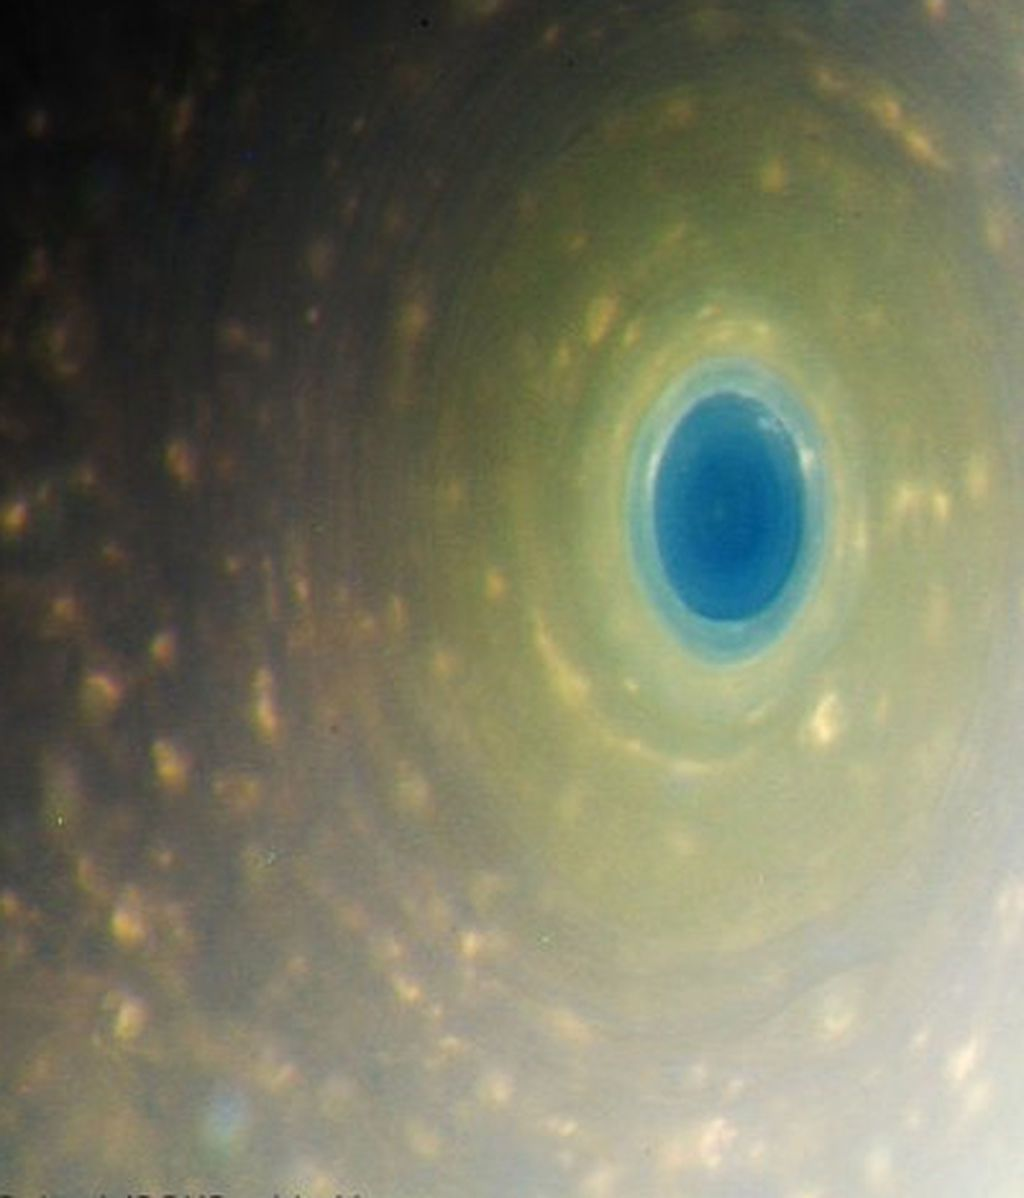 El color real de Saturno, al descubierto